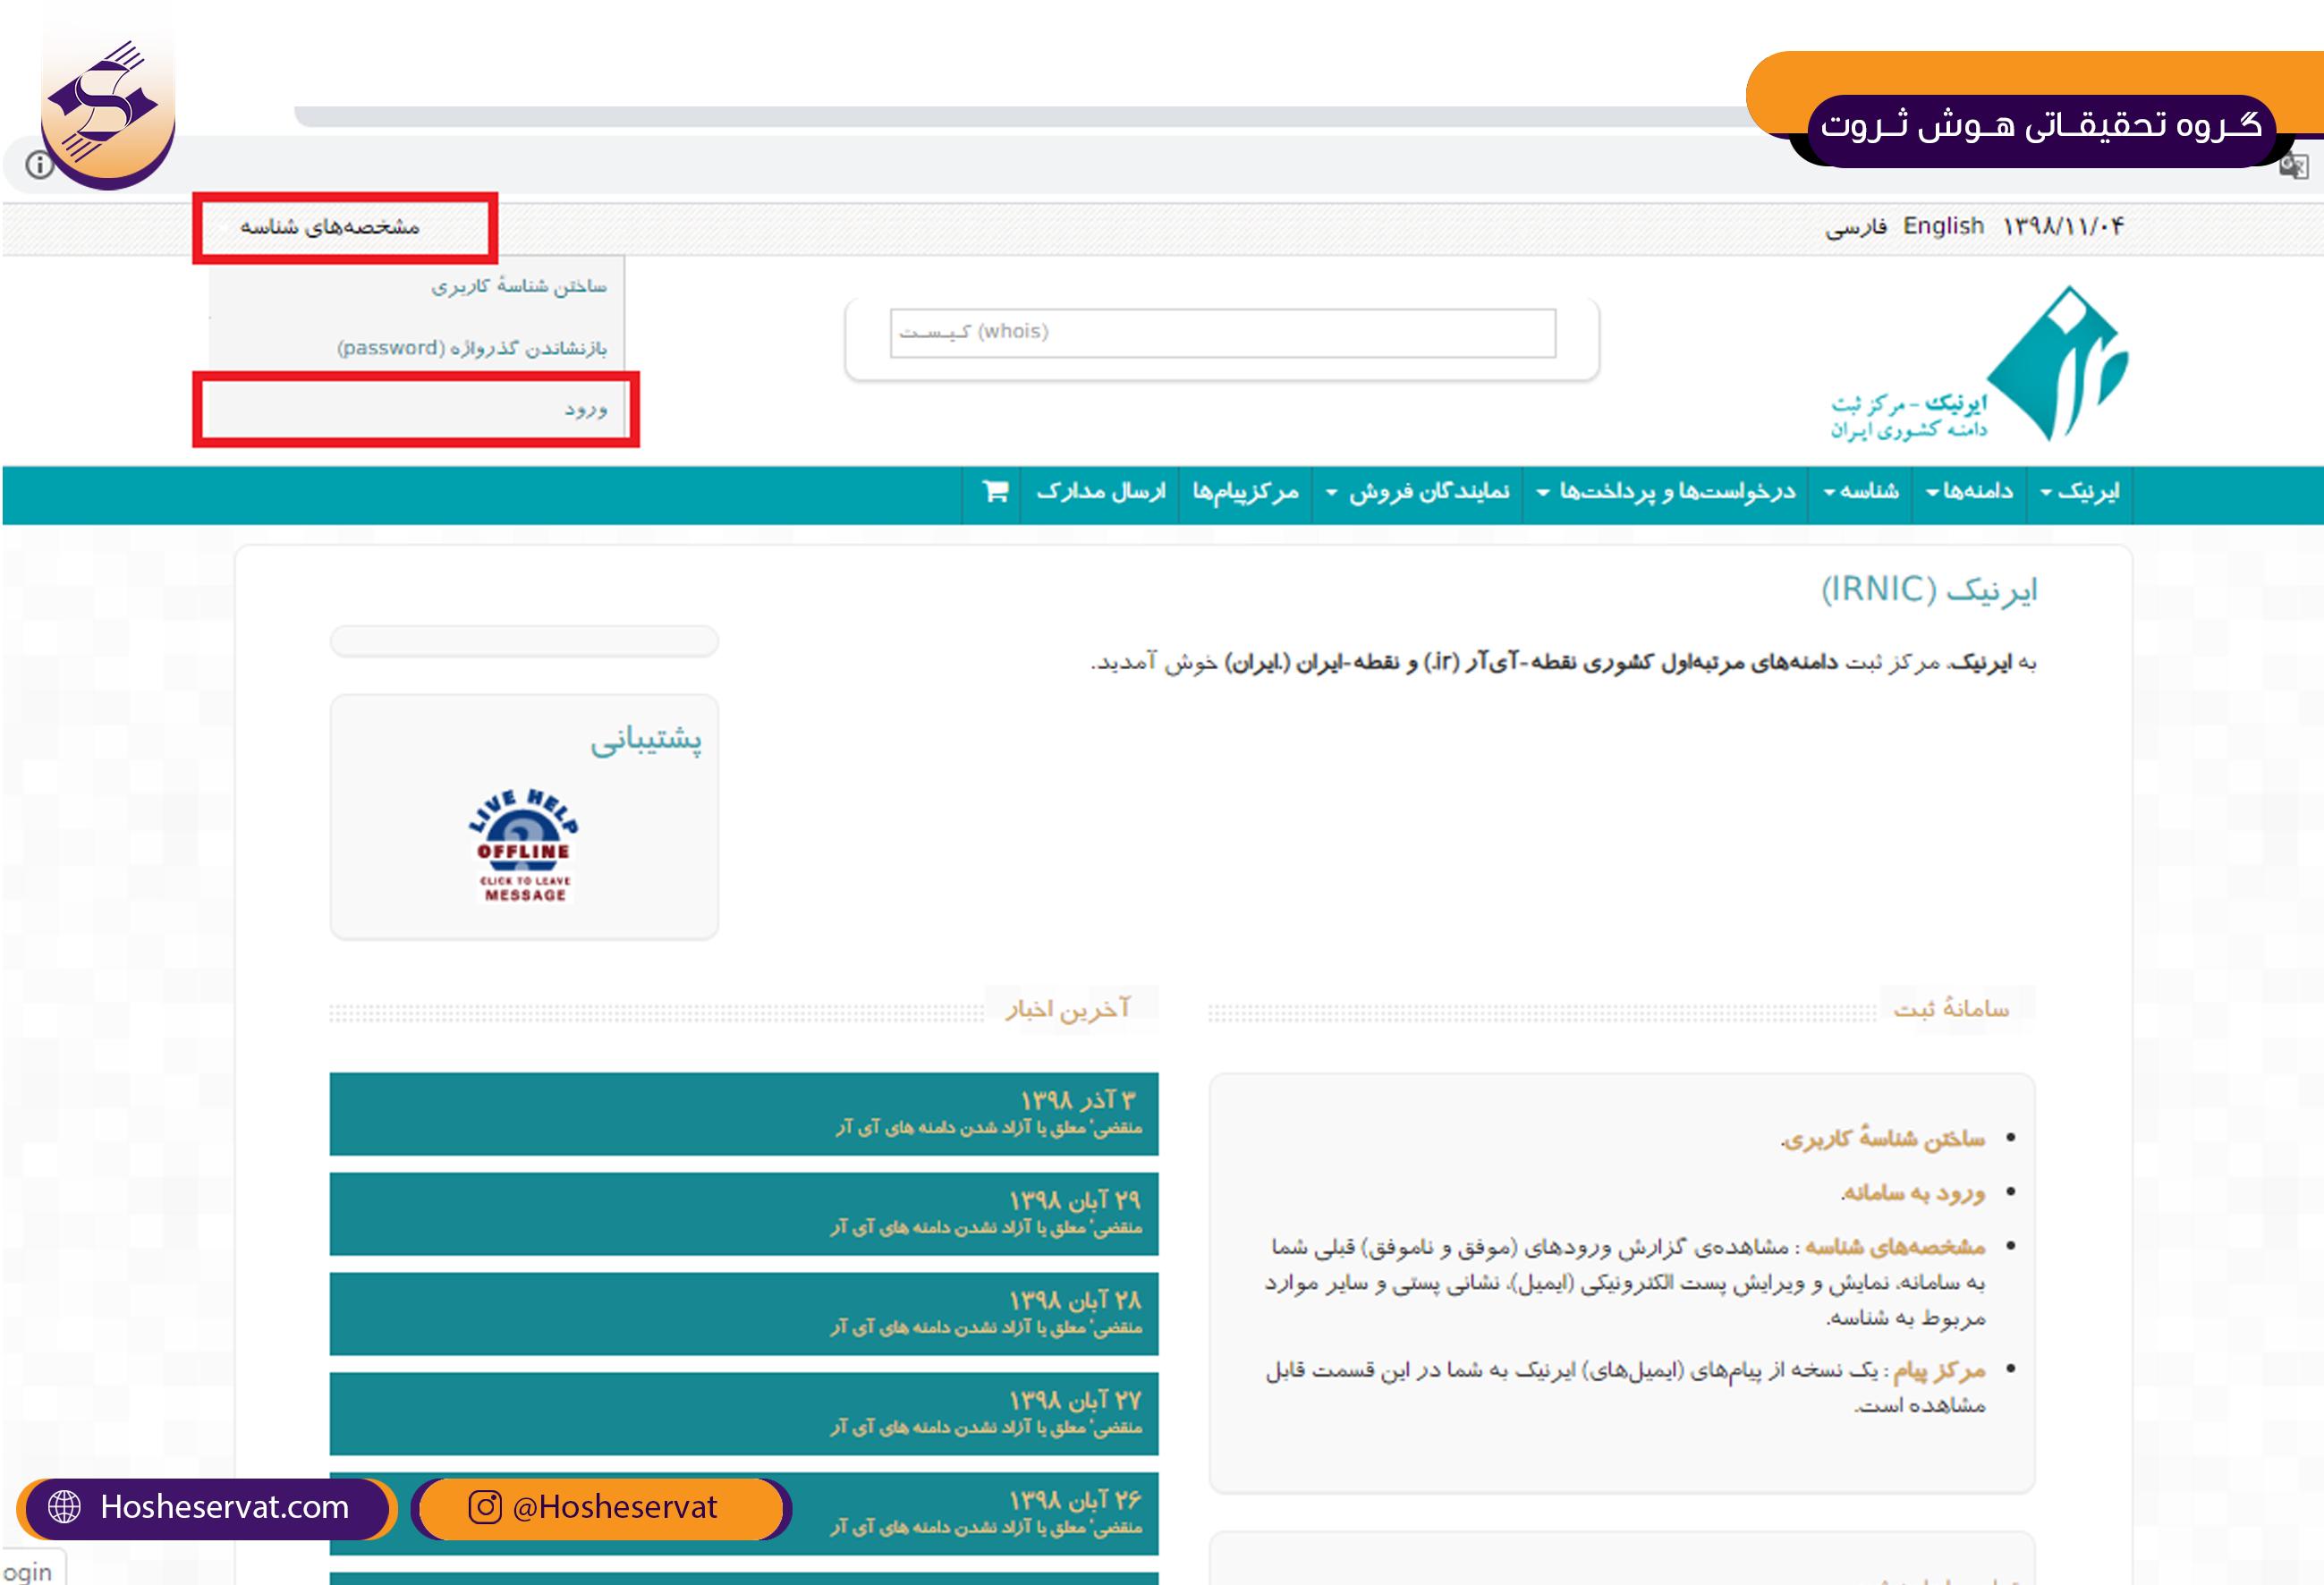 ثبت نام در سایت ایرانیک